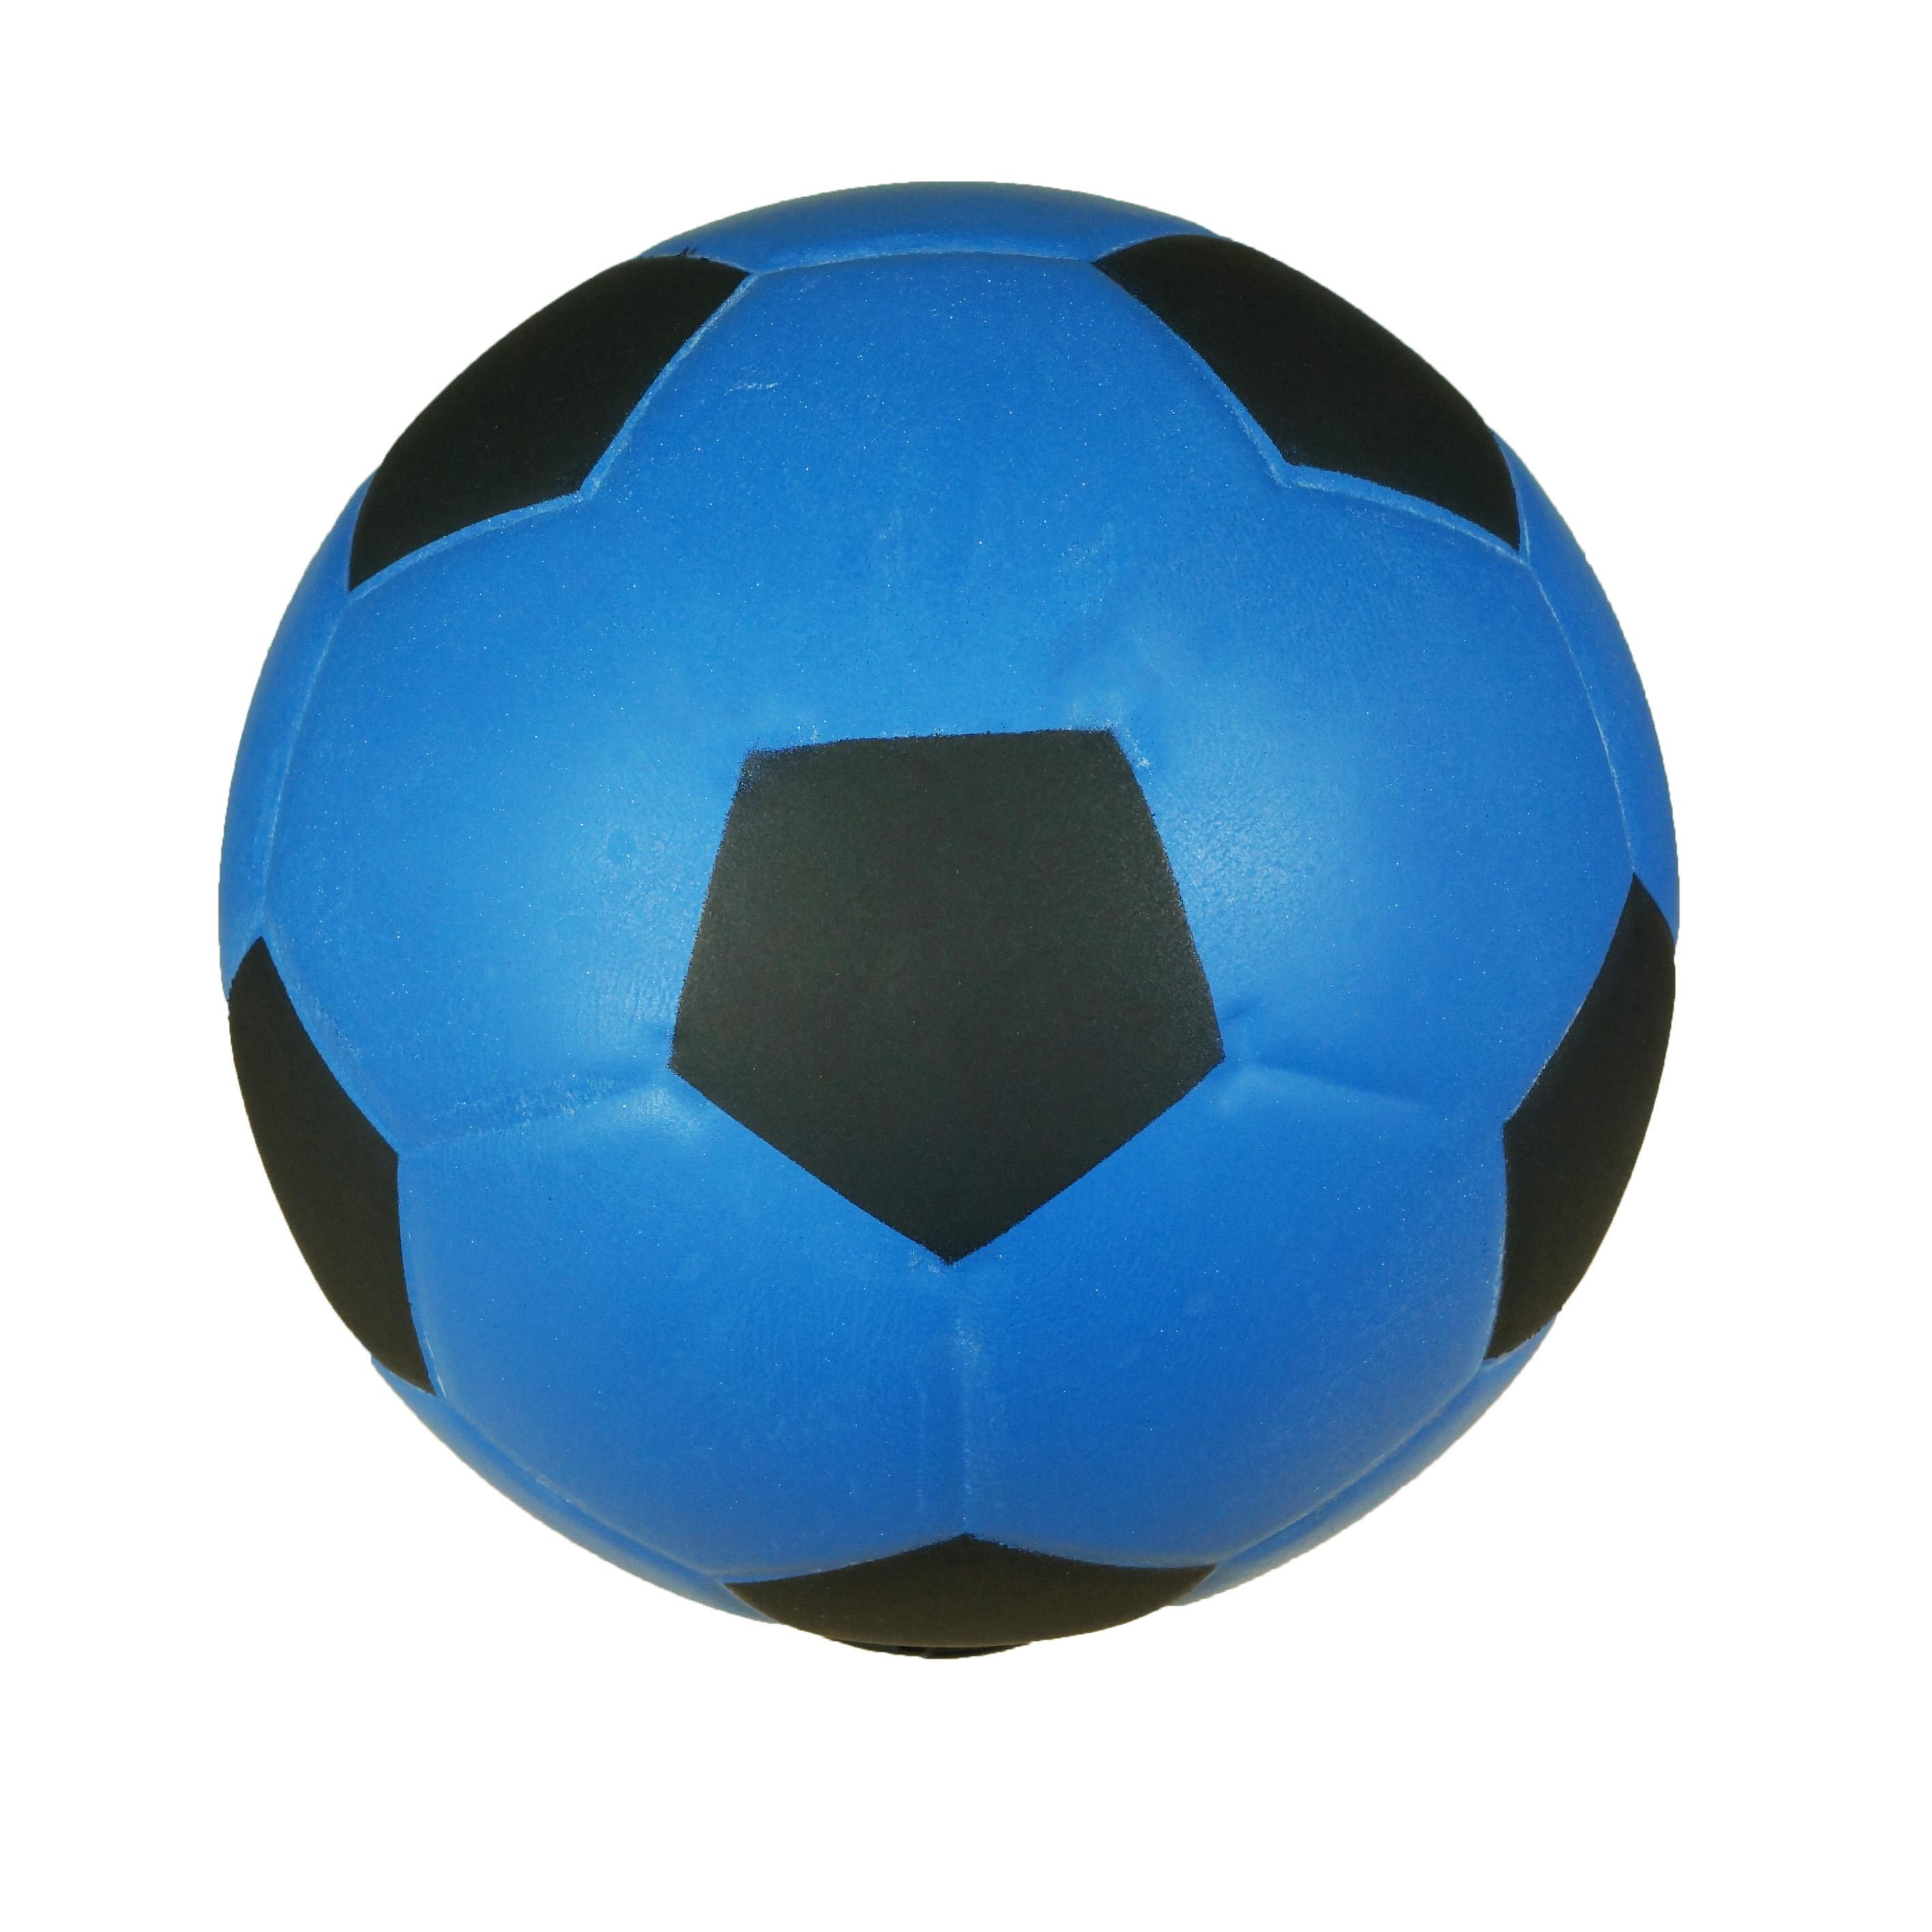 S610A-B-6吋足球-藍